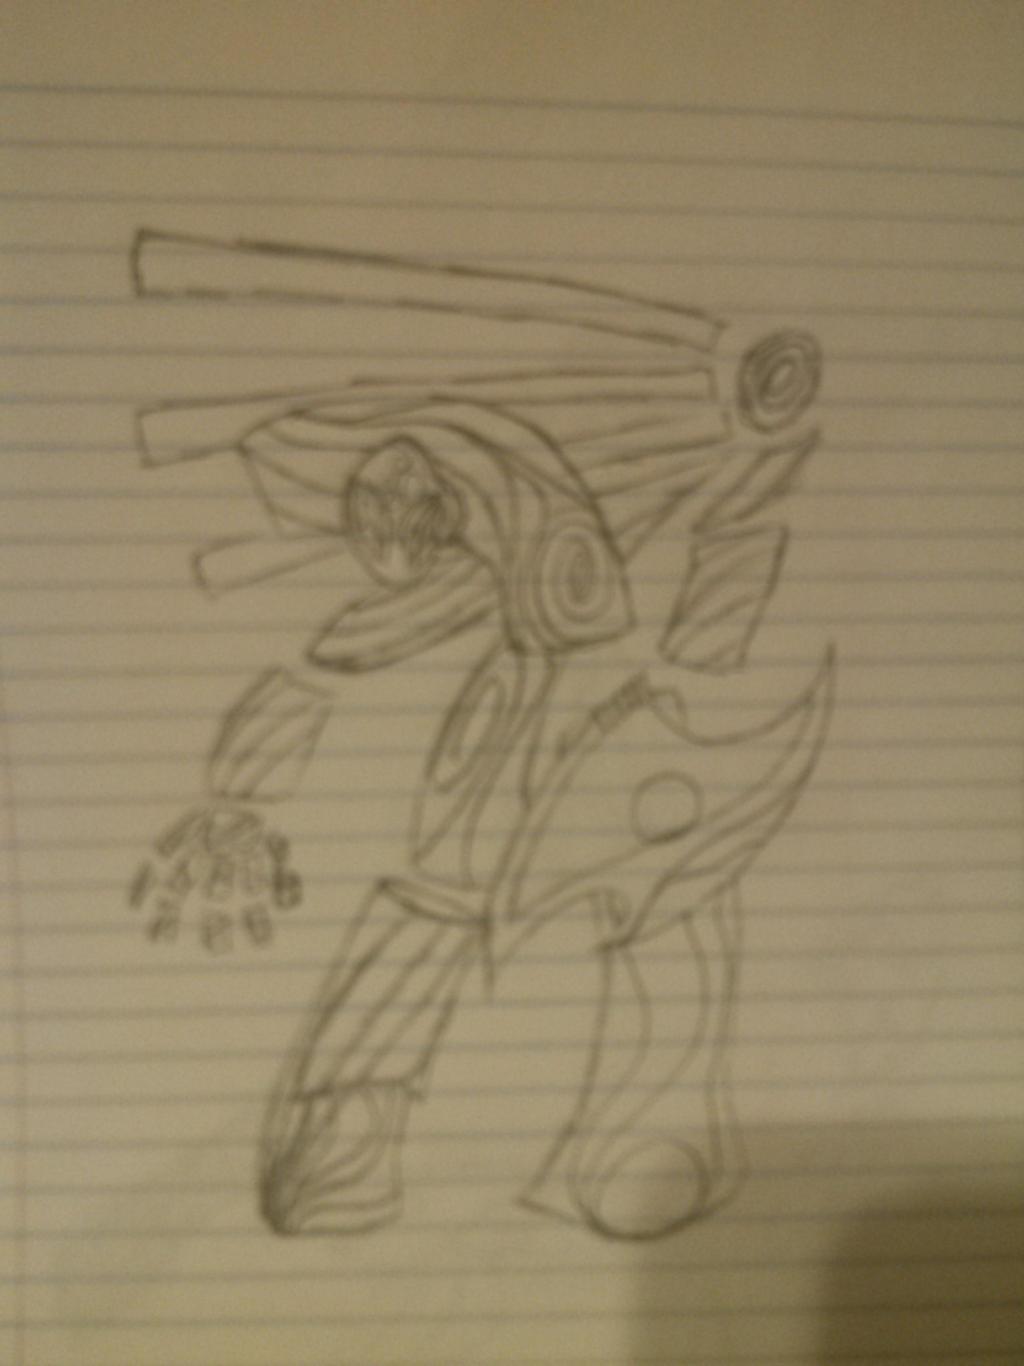 [Image: sketches___aura_golem_by_goldfisharmada-d6q92b0.jpg]